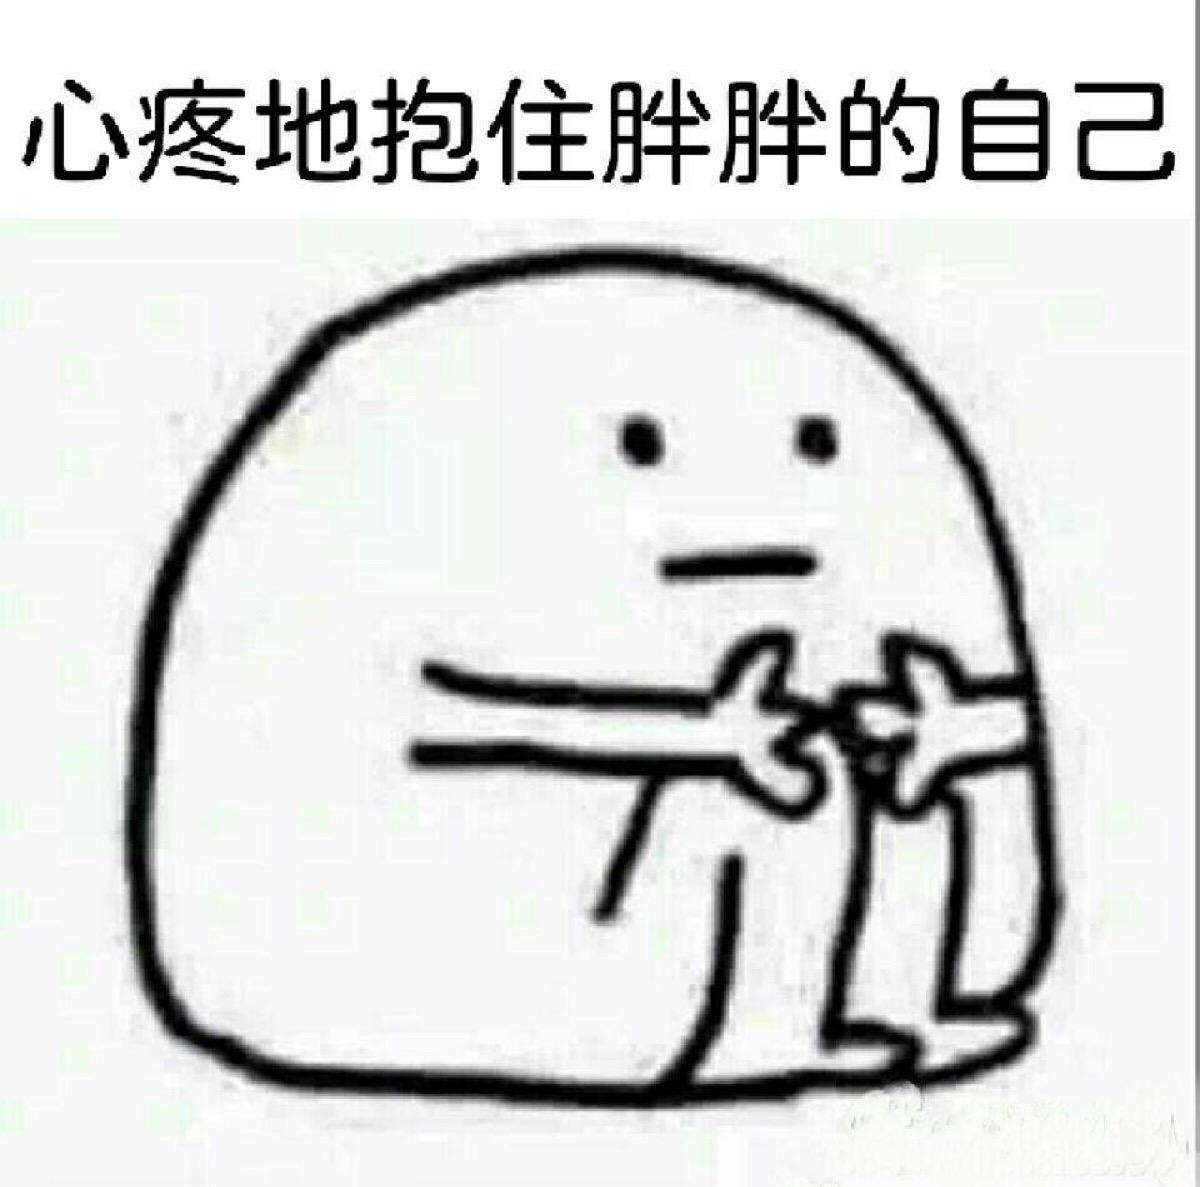 (道听图说第.一百七十二期)国庆第.一天 堵 挤 - 宁国论坛 - 12.jpg